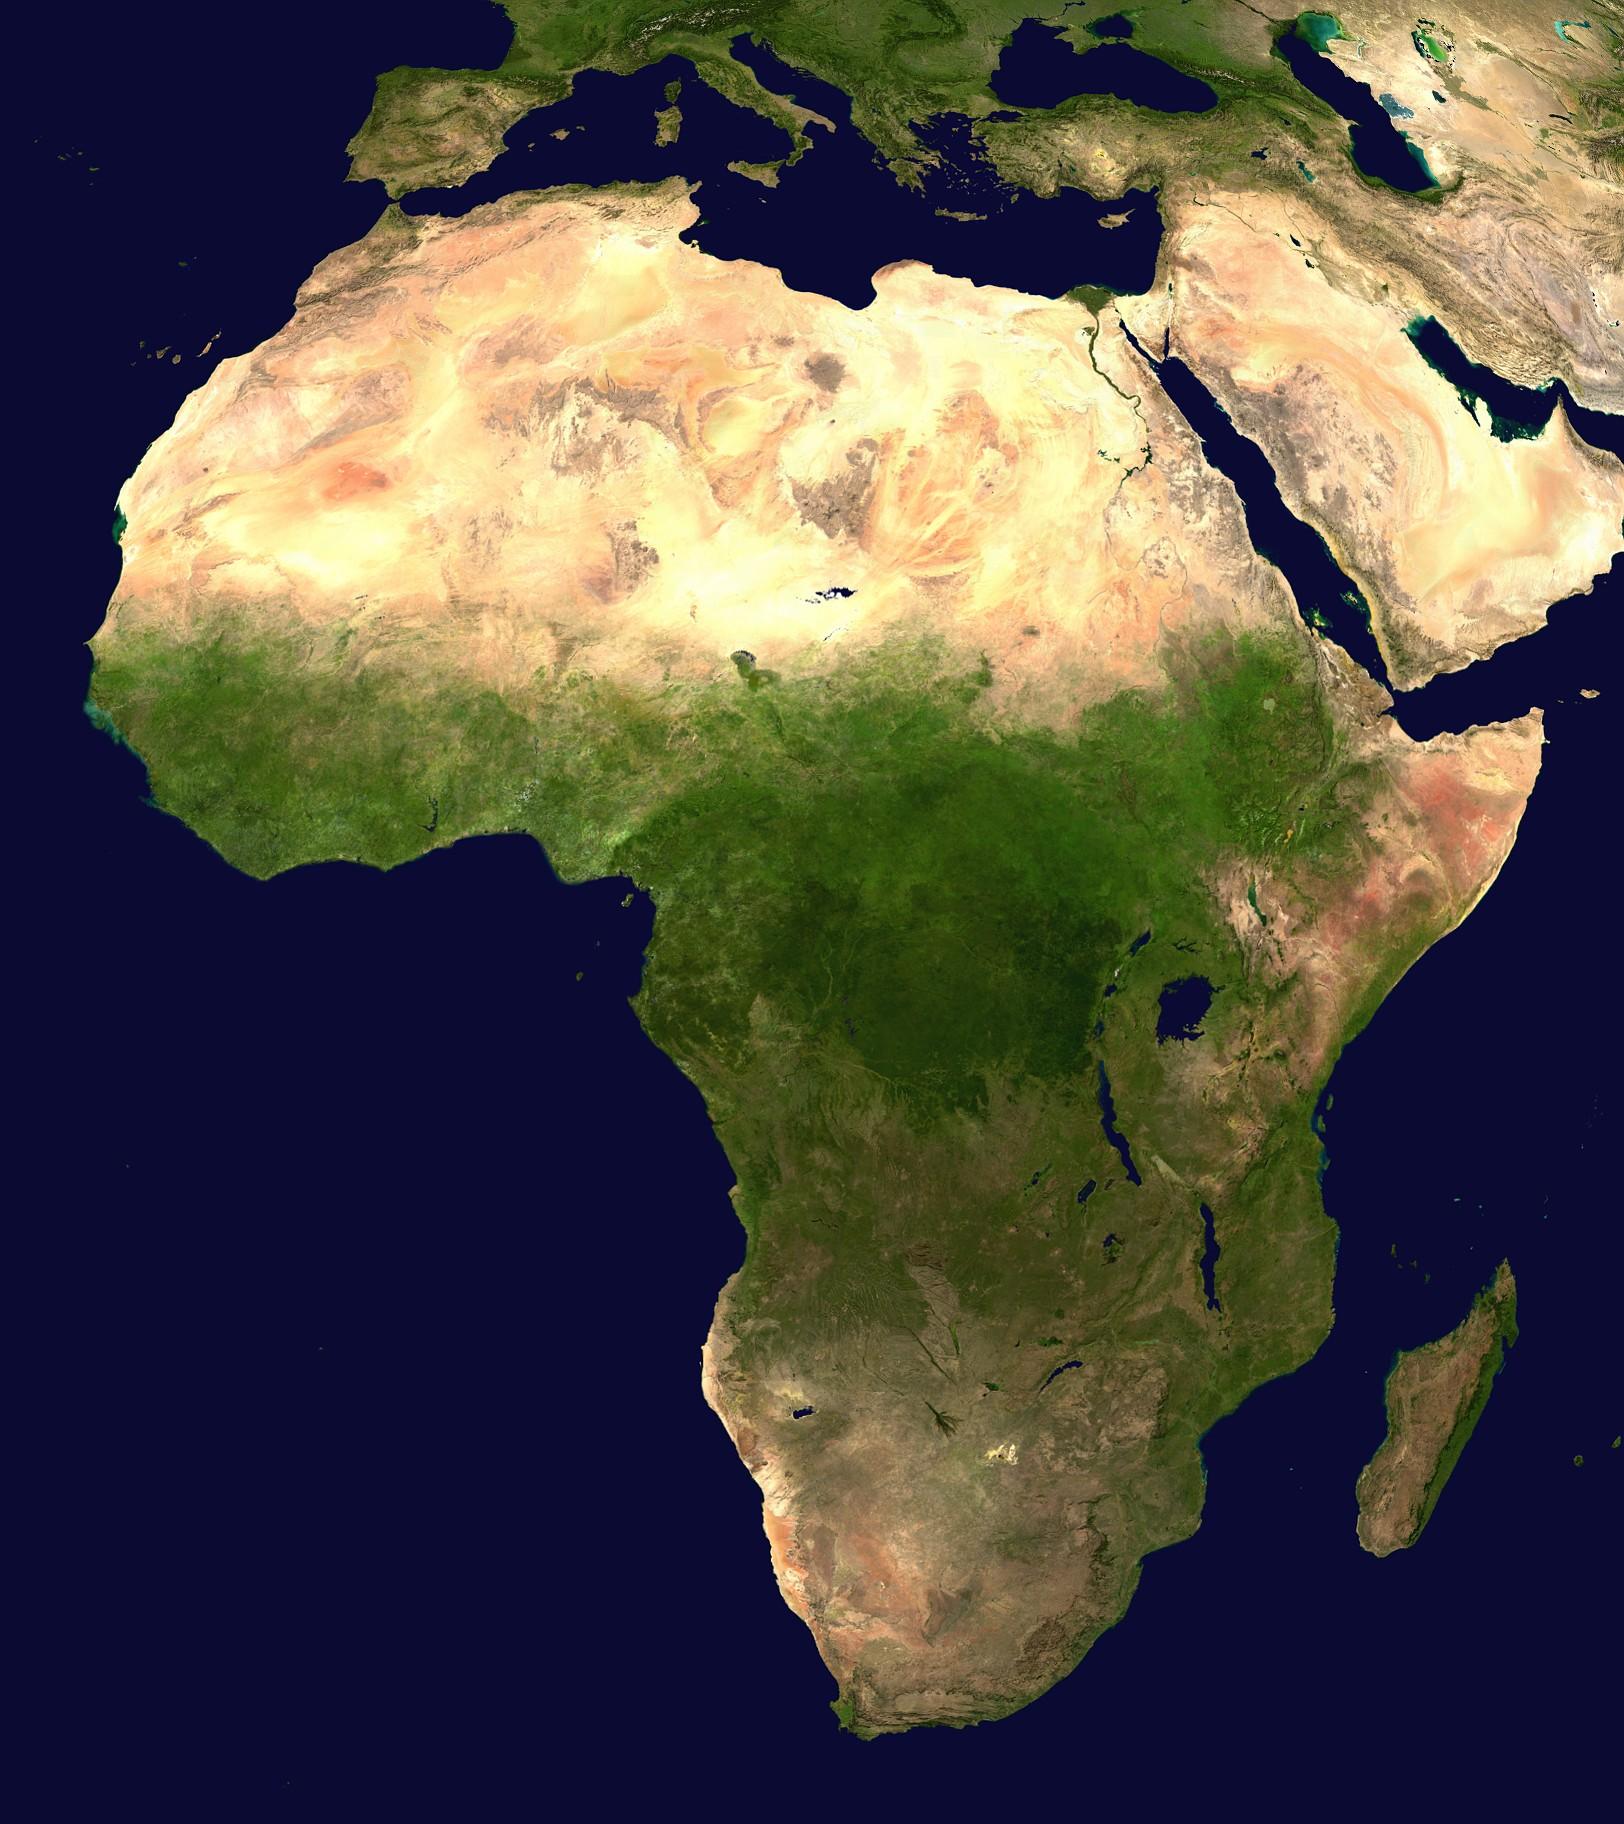 المناطق المناخية في أفريقيا